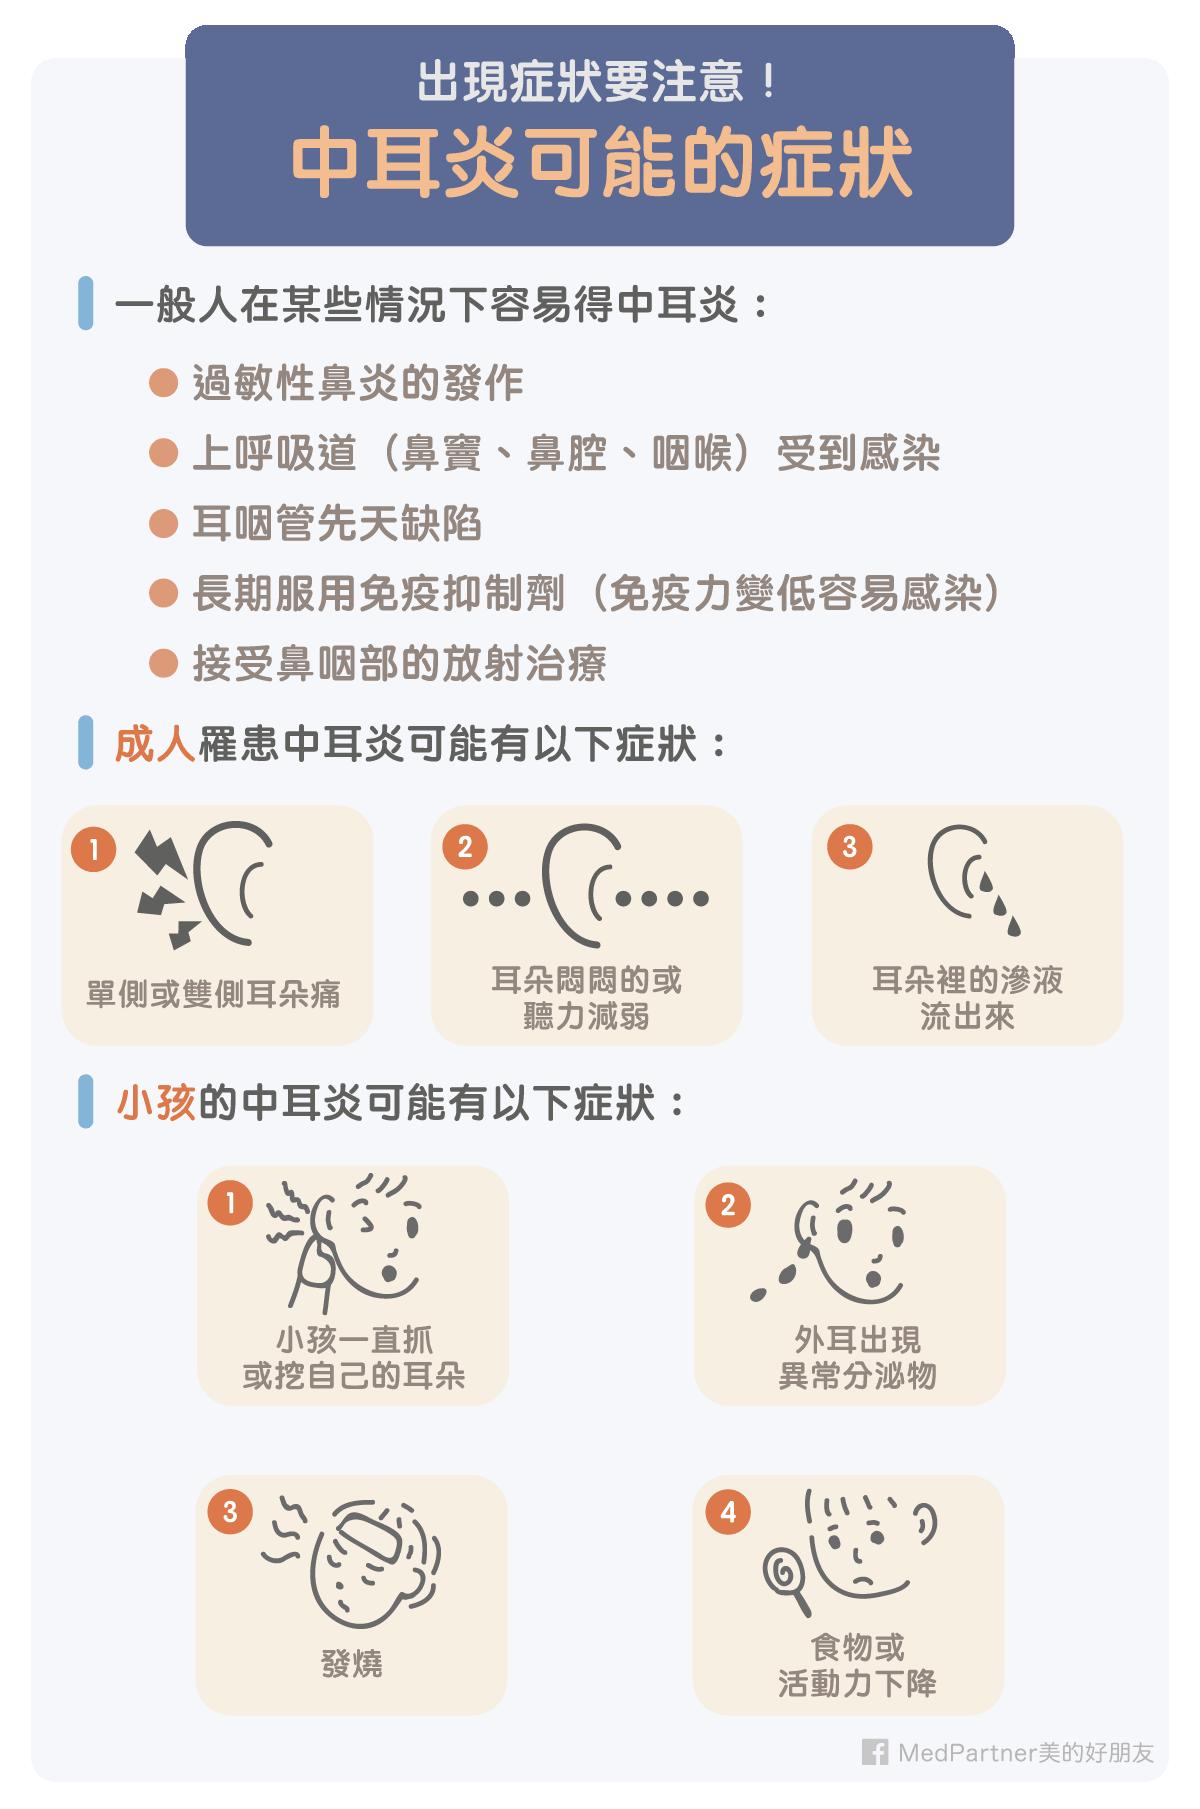 中耳炎可能症狀